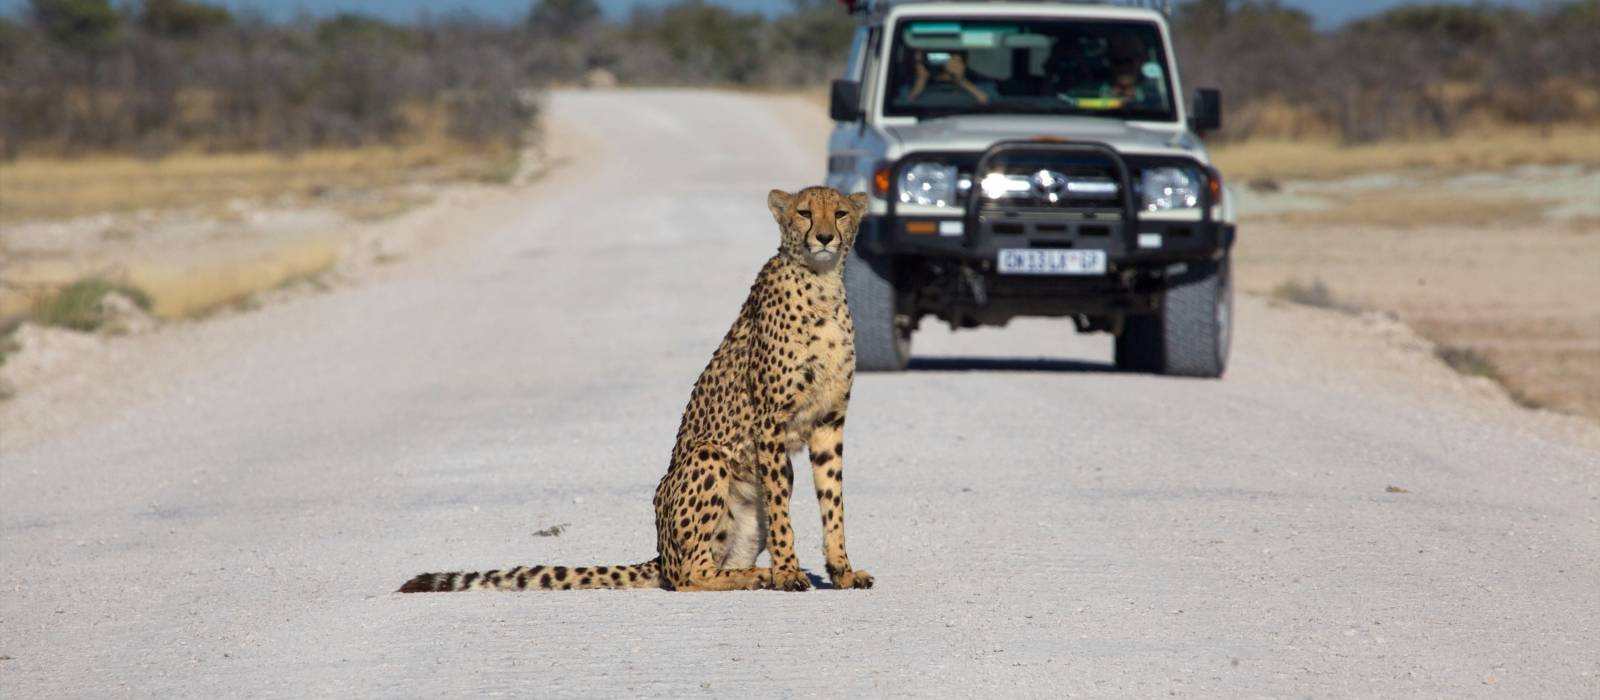 Road Trip: Desert Adventure, Waterfalls and Safari Magic Tour Trip 1